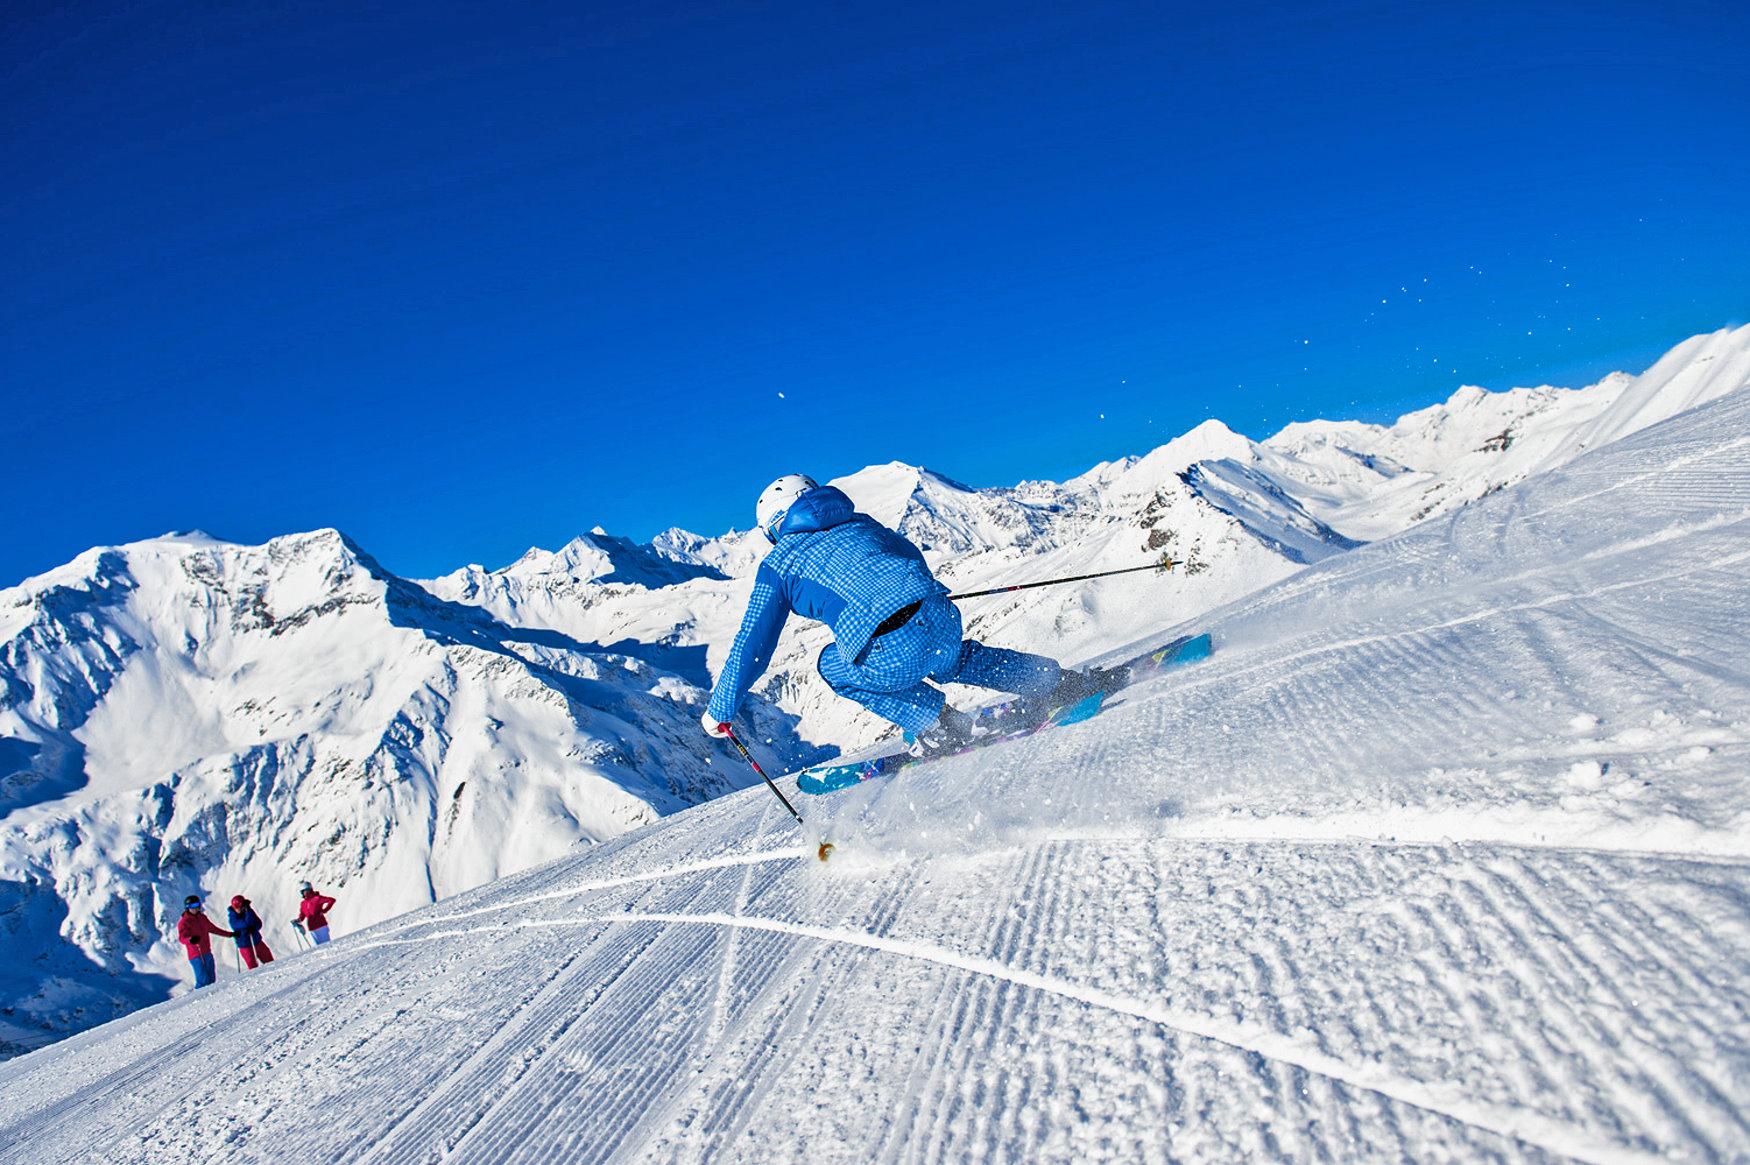 Skifahren in der Ski amadé in Österreich | Chaletdorf BERGHERZ